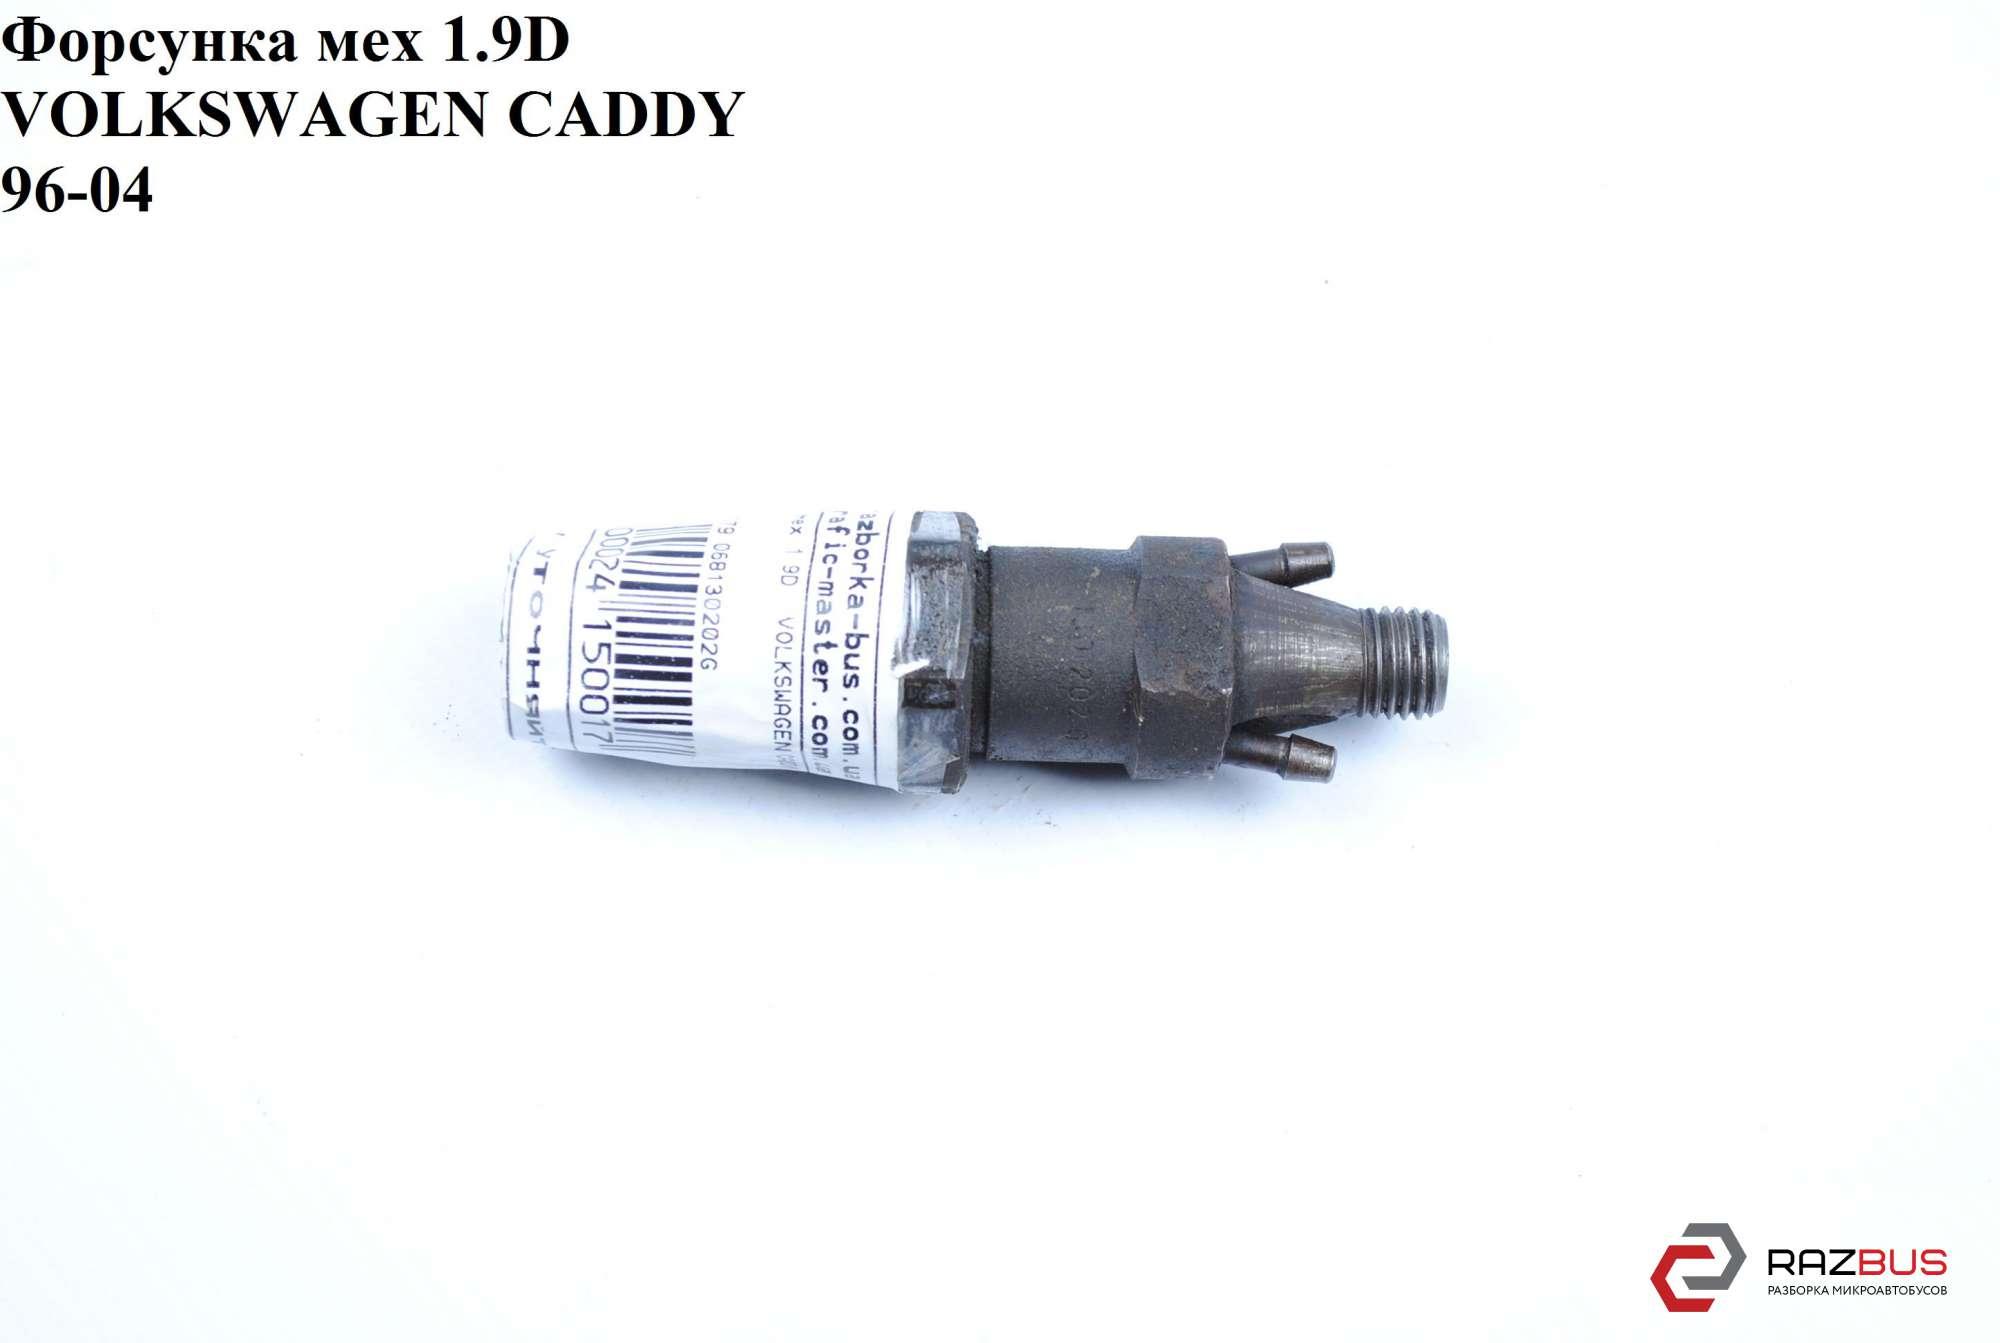 068130202G, KCA30S79 Форсунка механическая 1.9D VOLKSWAGEN CADDY II 1995-2004г